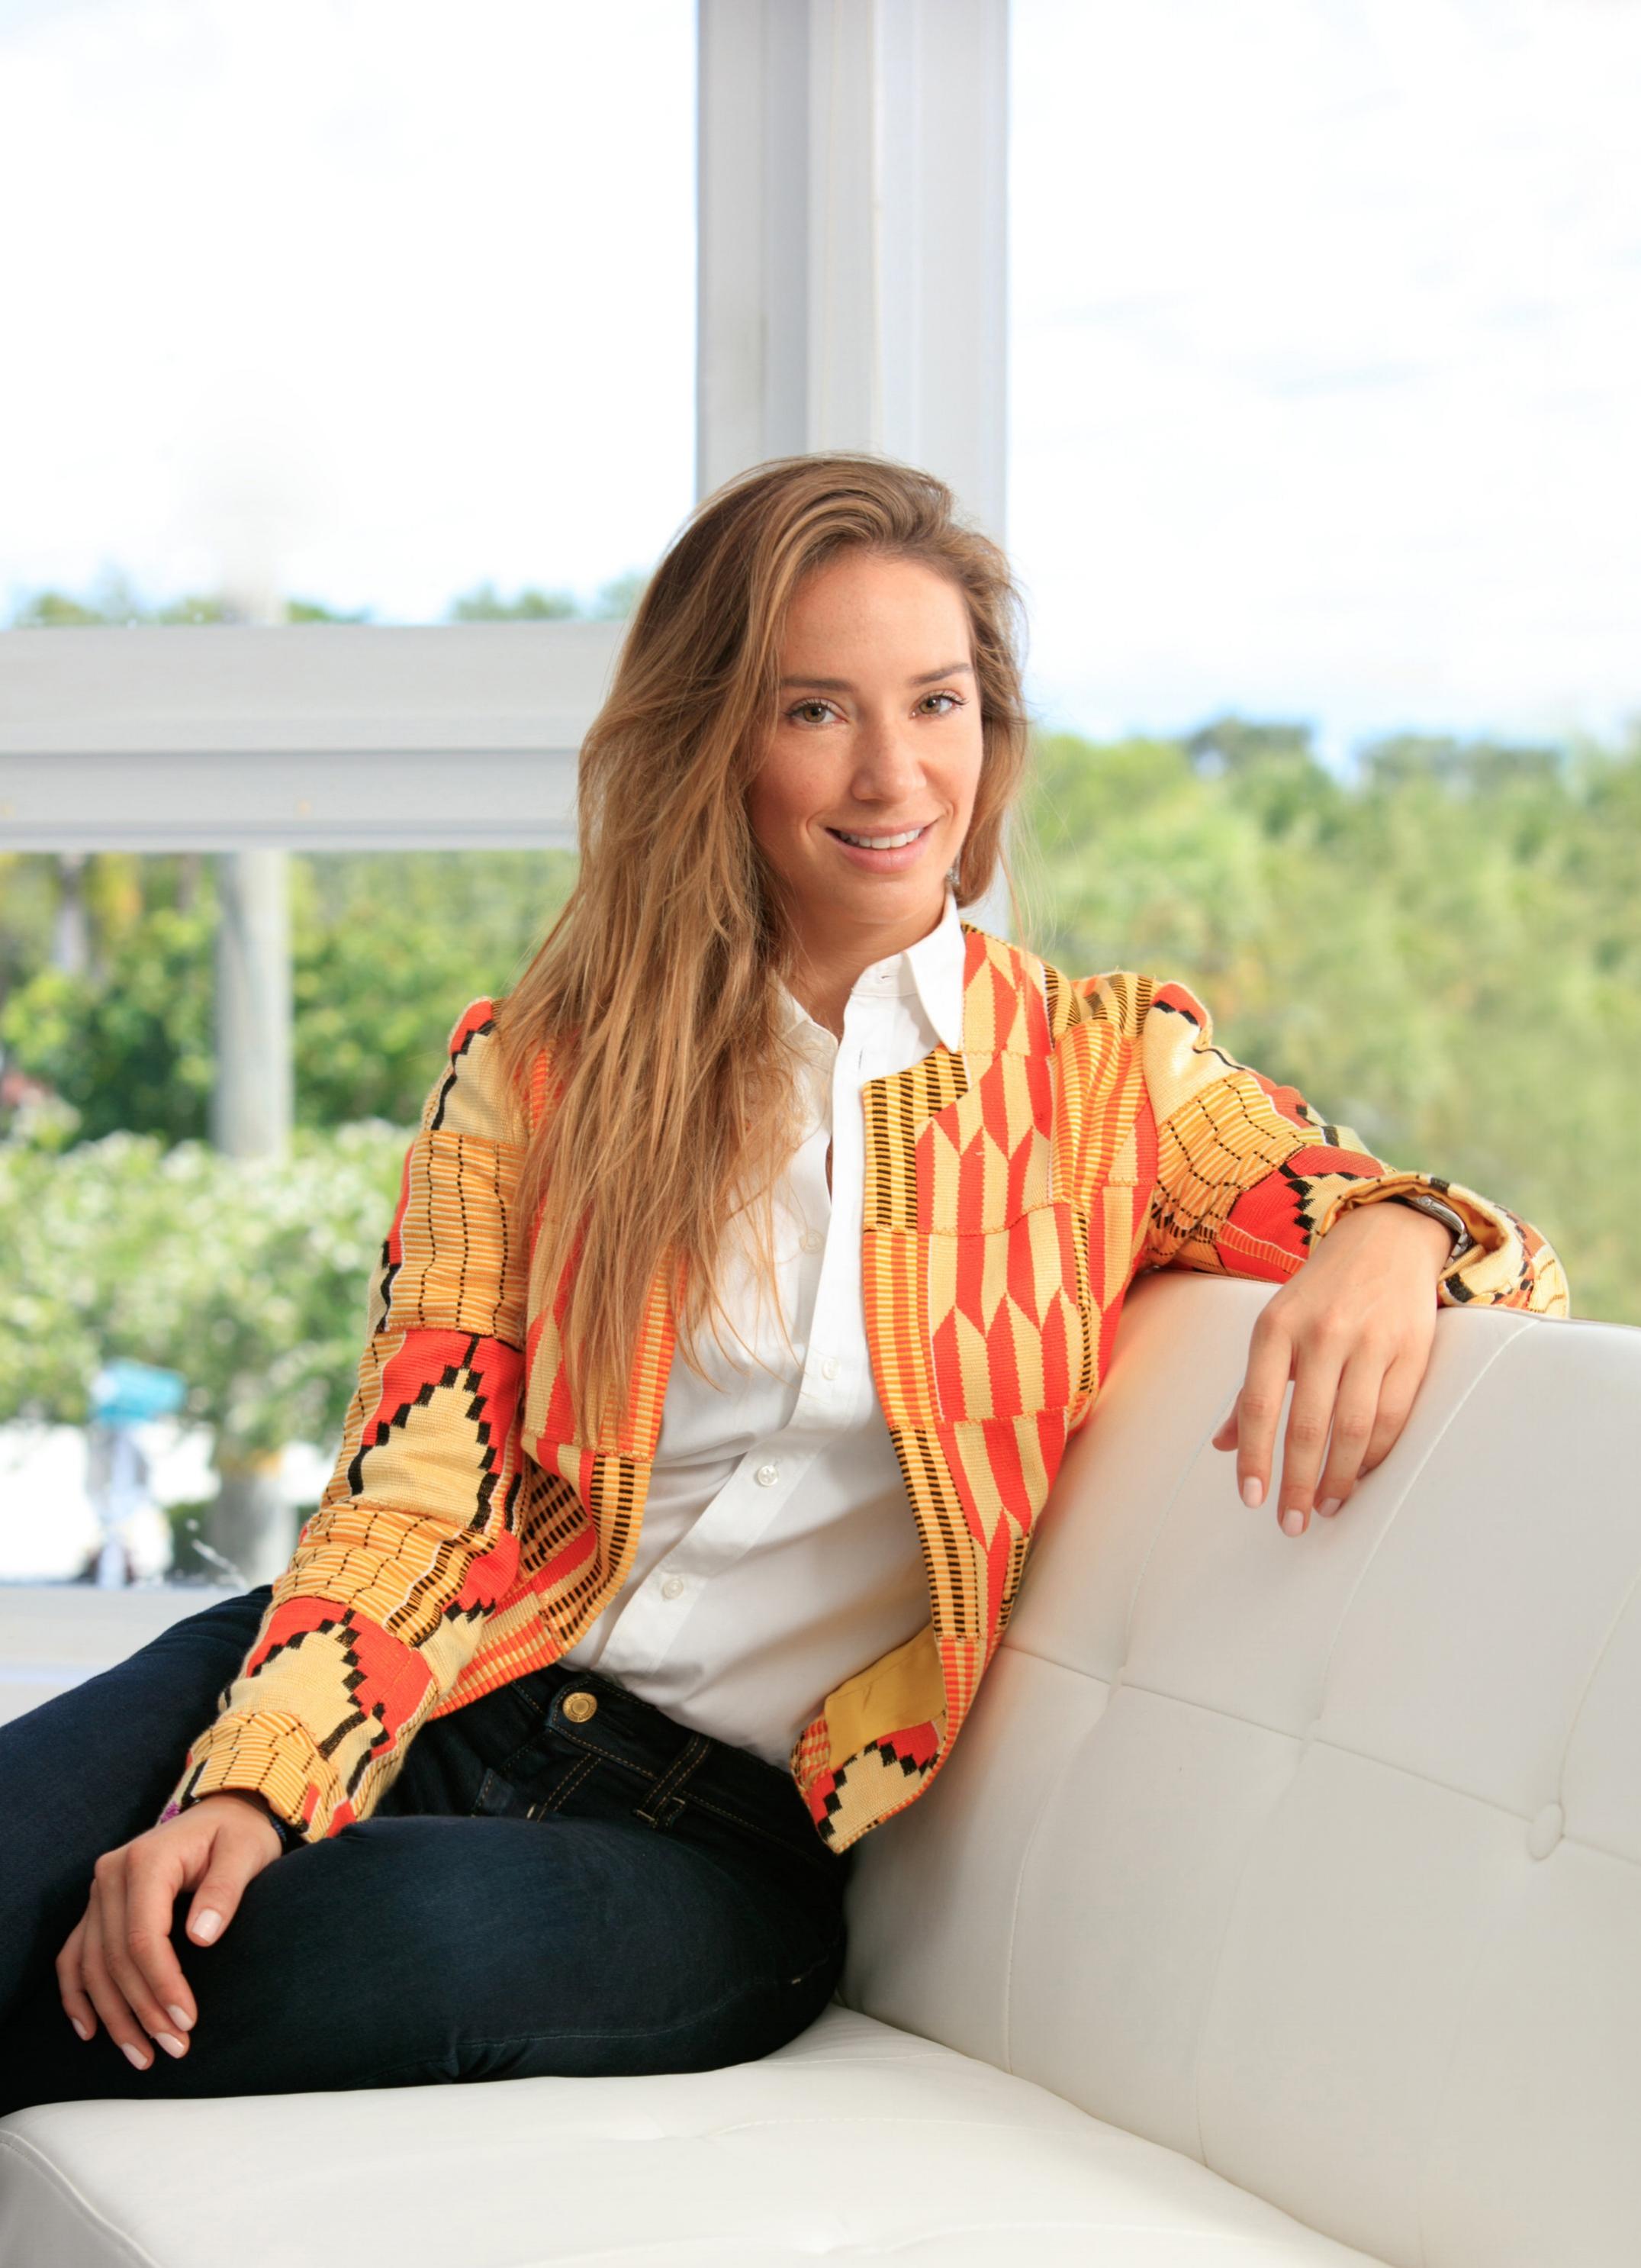 Stephanie Theis Fajardo